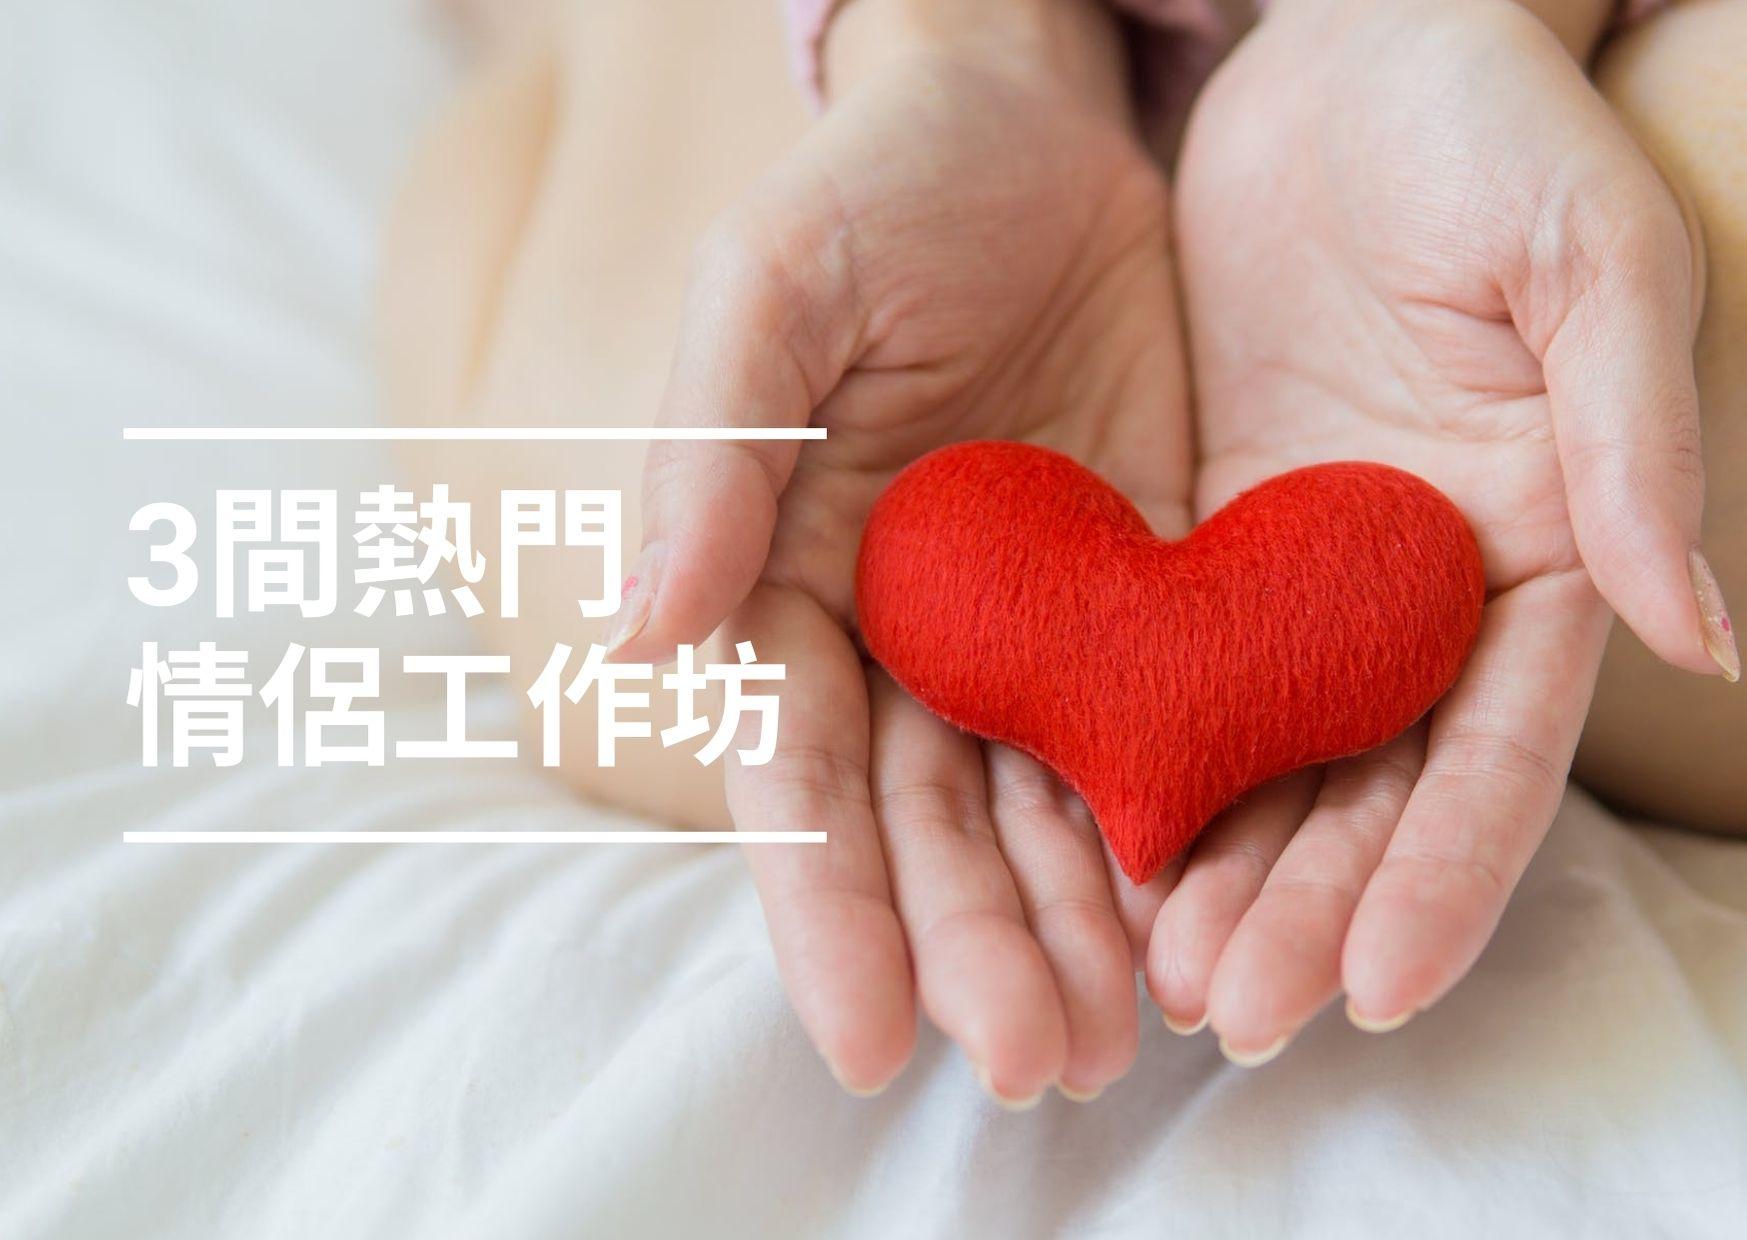 【疫情好去處】情侶必試!香港3款熱門情侶工作坊